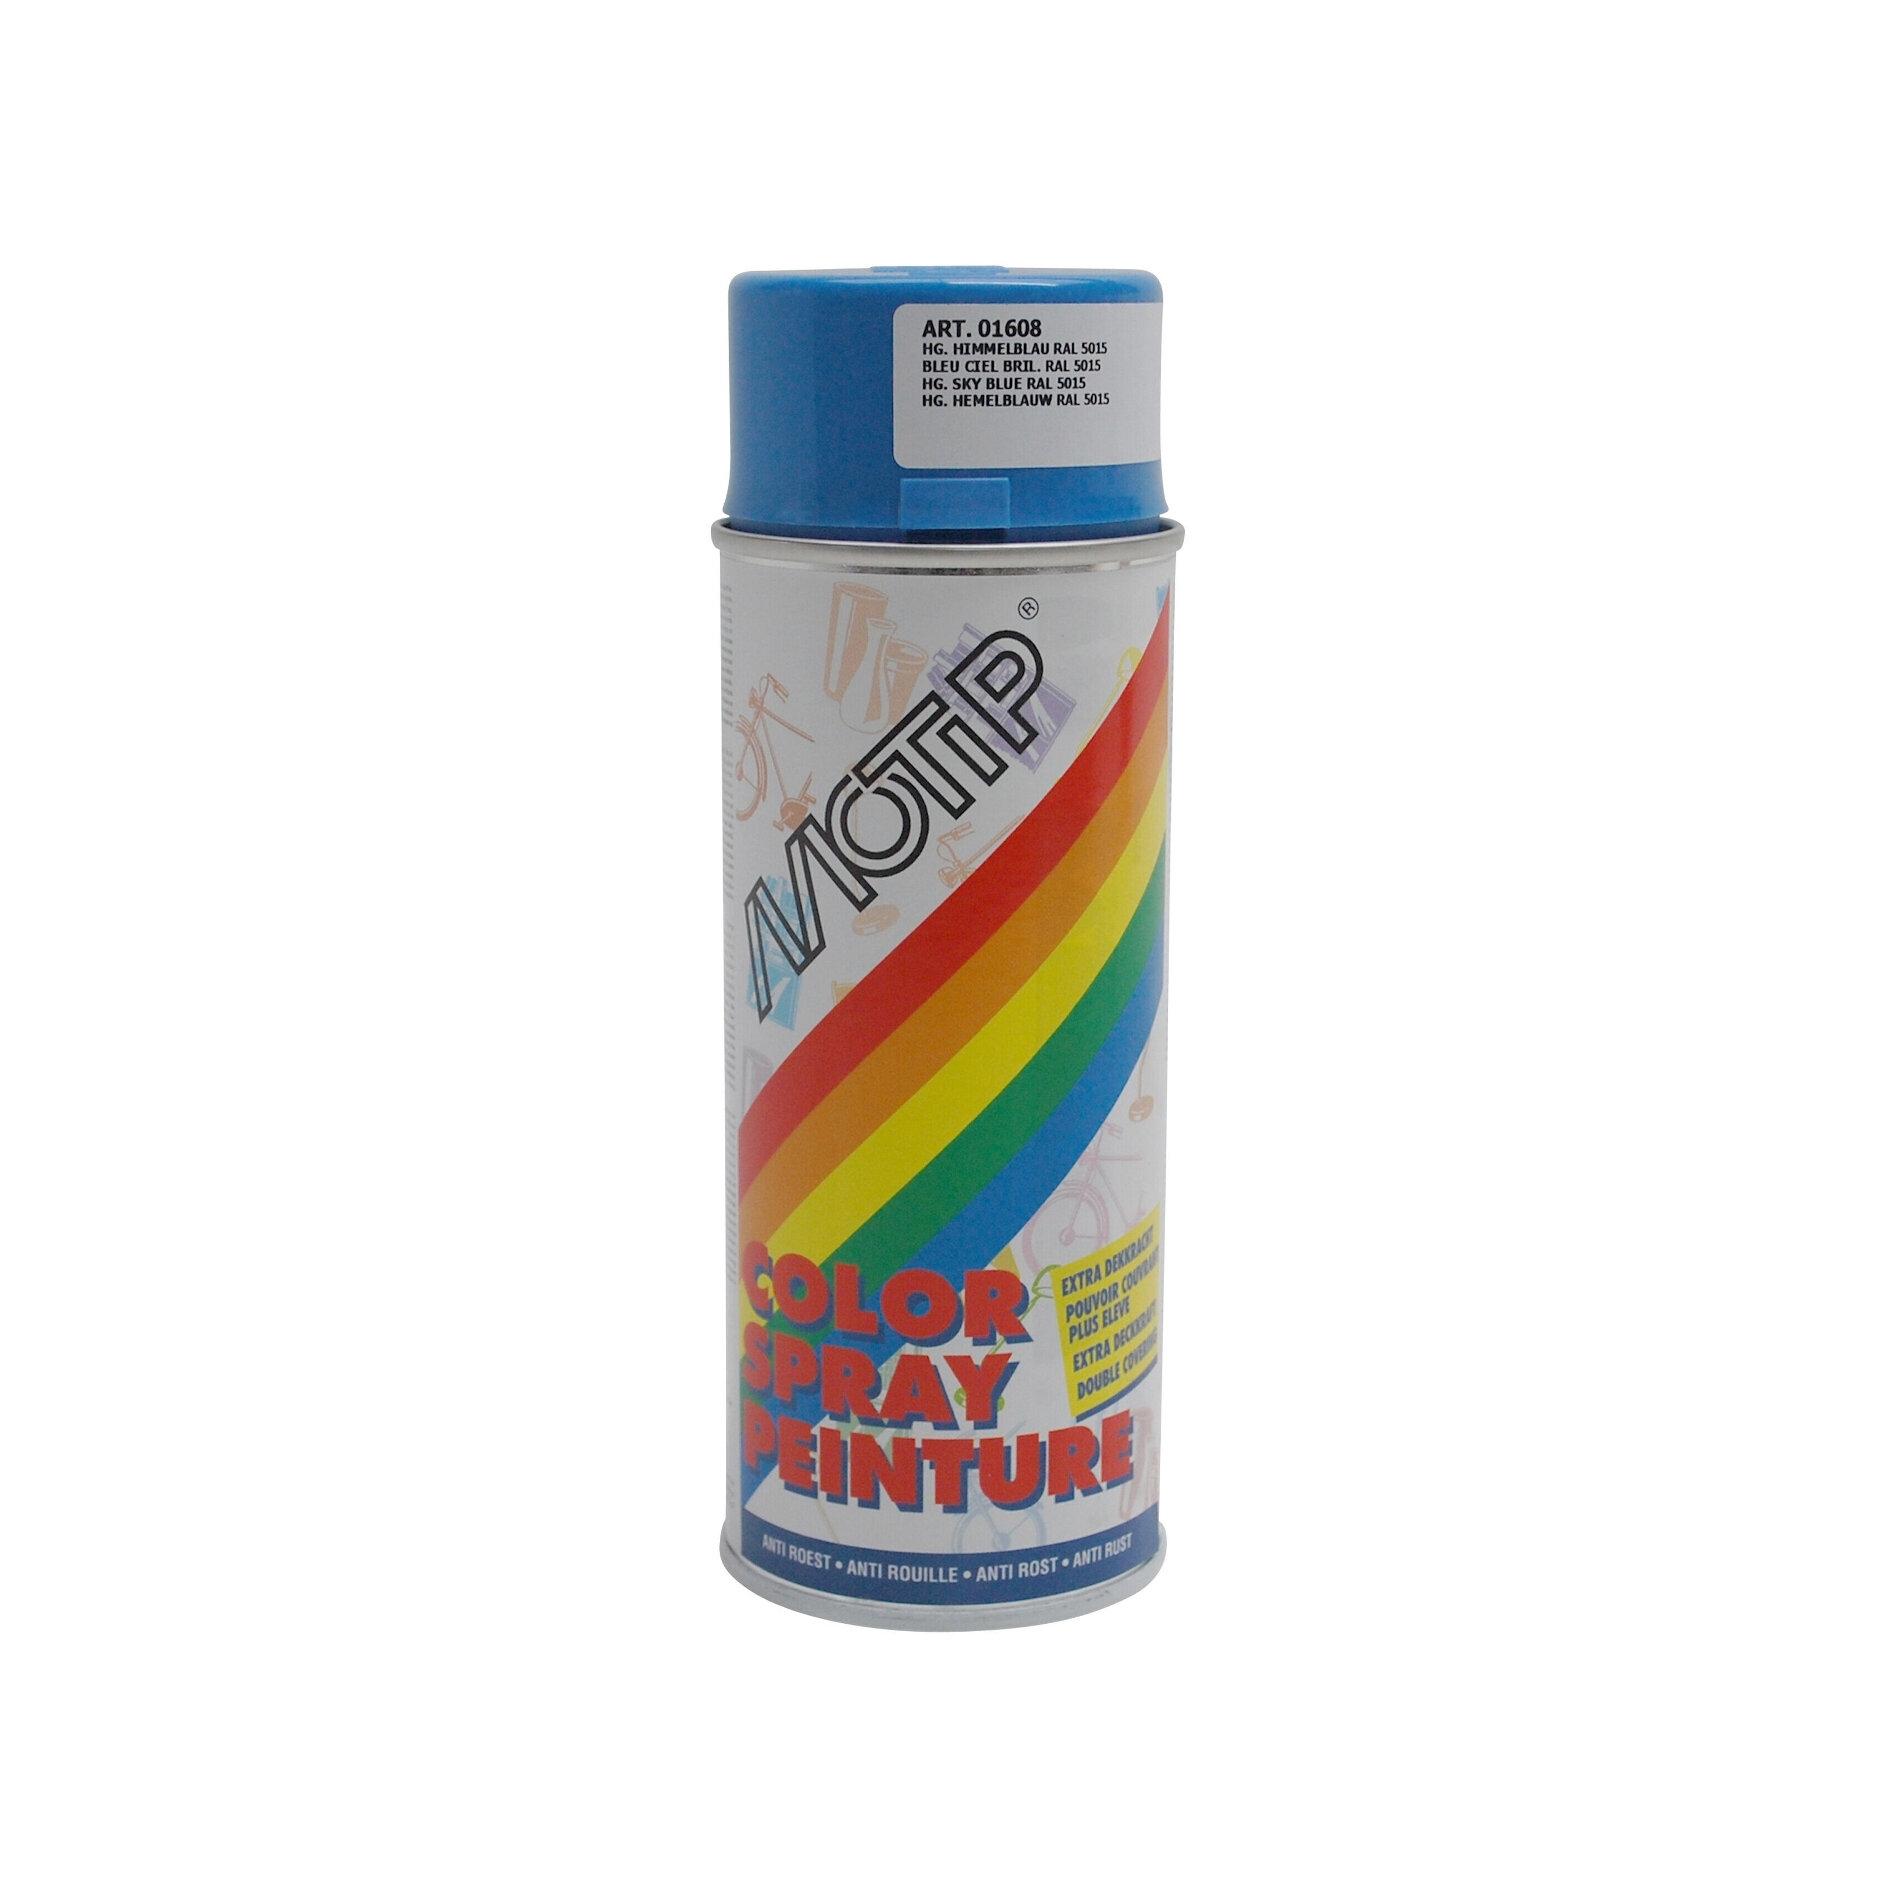 Bombe de peinture MoTip bleu ciel brillant RAL 5015 400 ml M01608